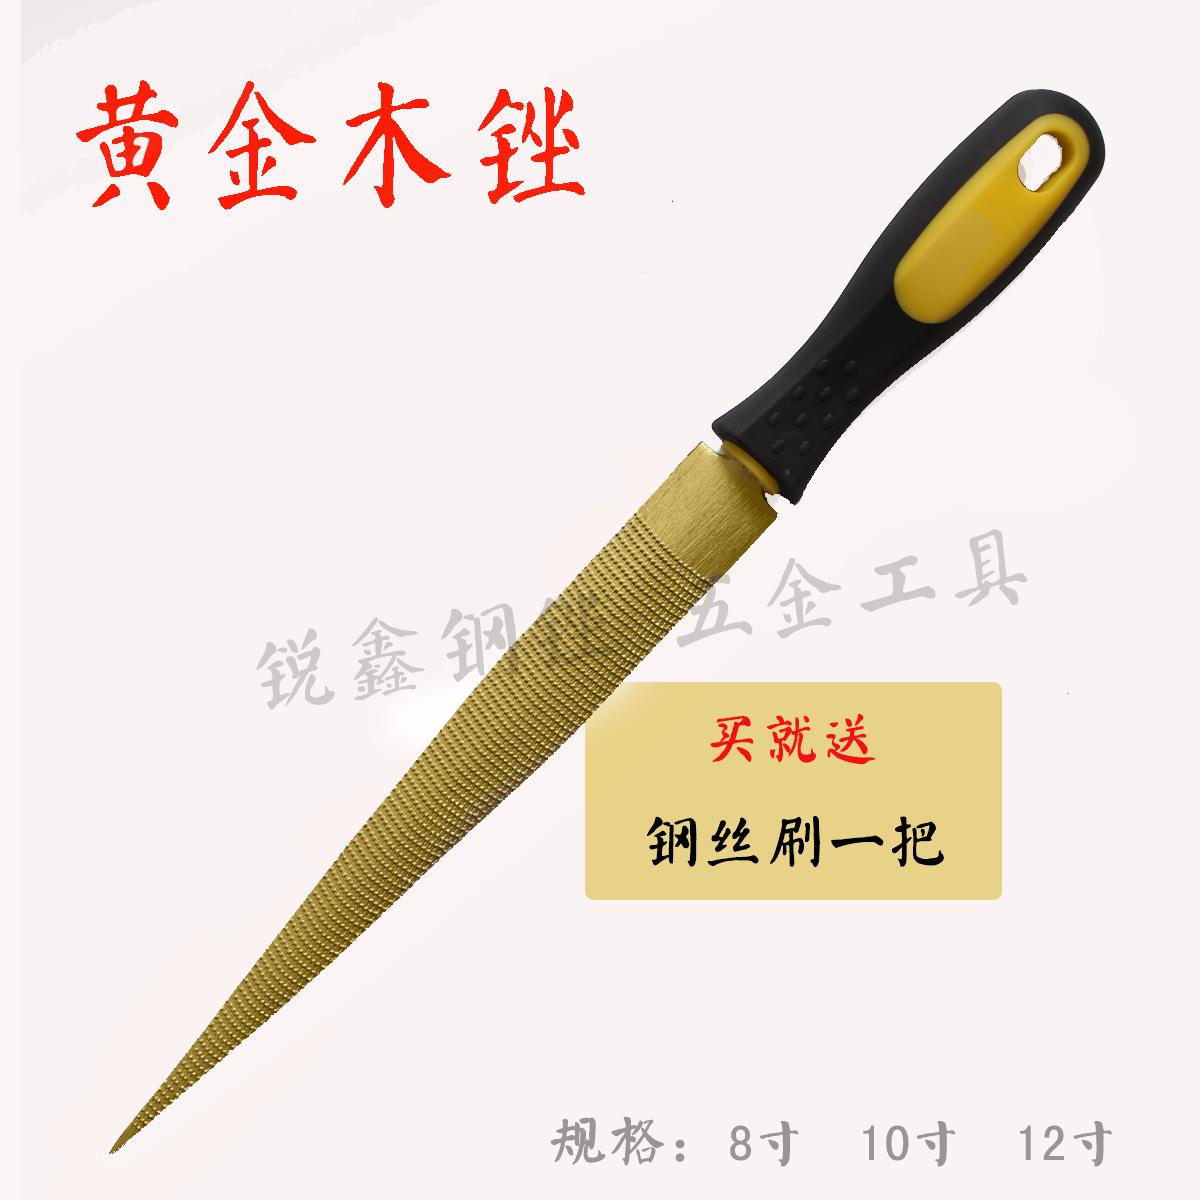 宸途小木锉什锦锉 硬木锉 红木锉刀 整形锉刀 钢锉 木工锉刀毛挫